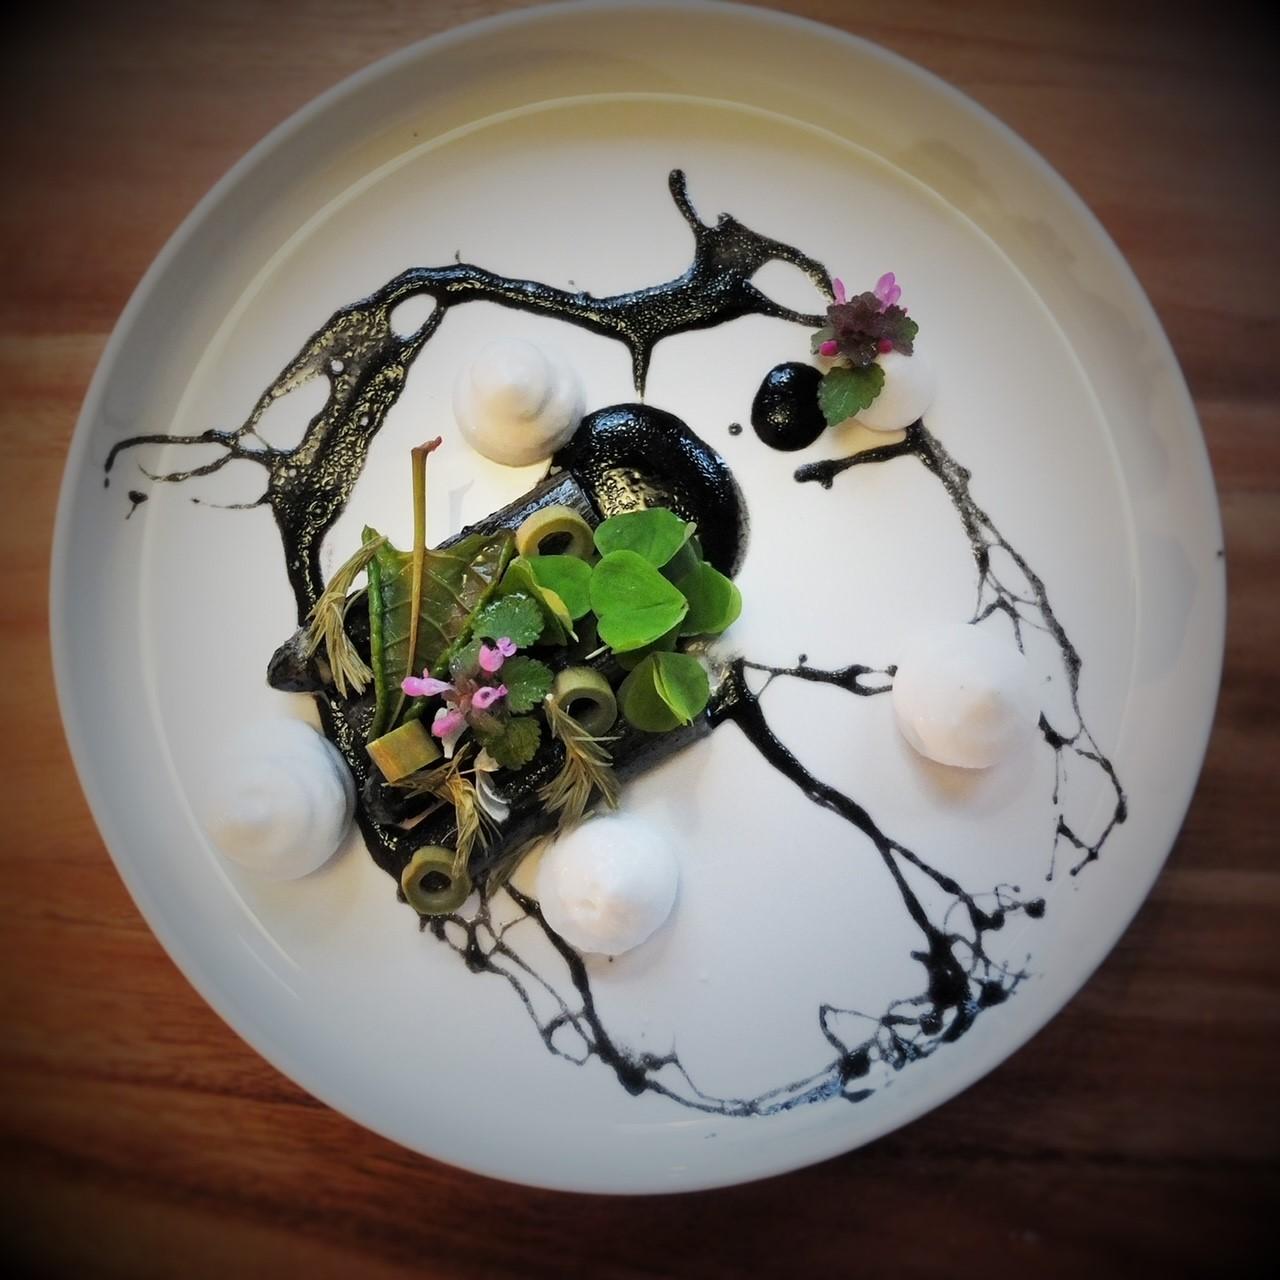 Weißer Spargel, Marinade aus Heuasche und Holunderblütenessig, Sauerklee, Knötterich- und Fichtensprossen